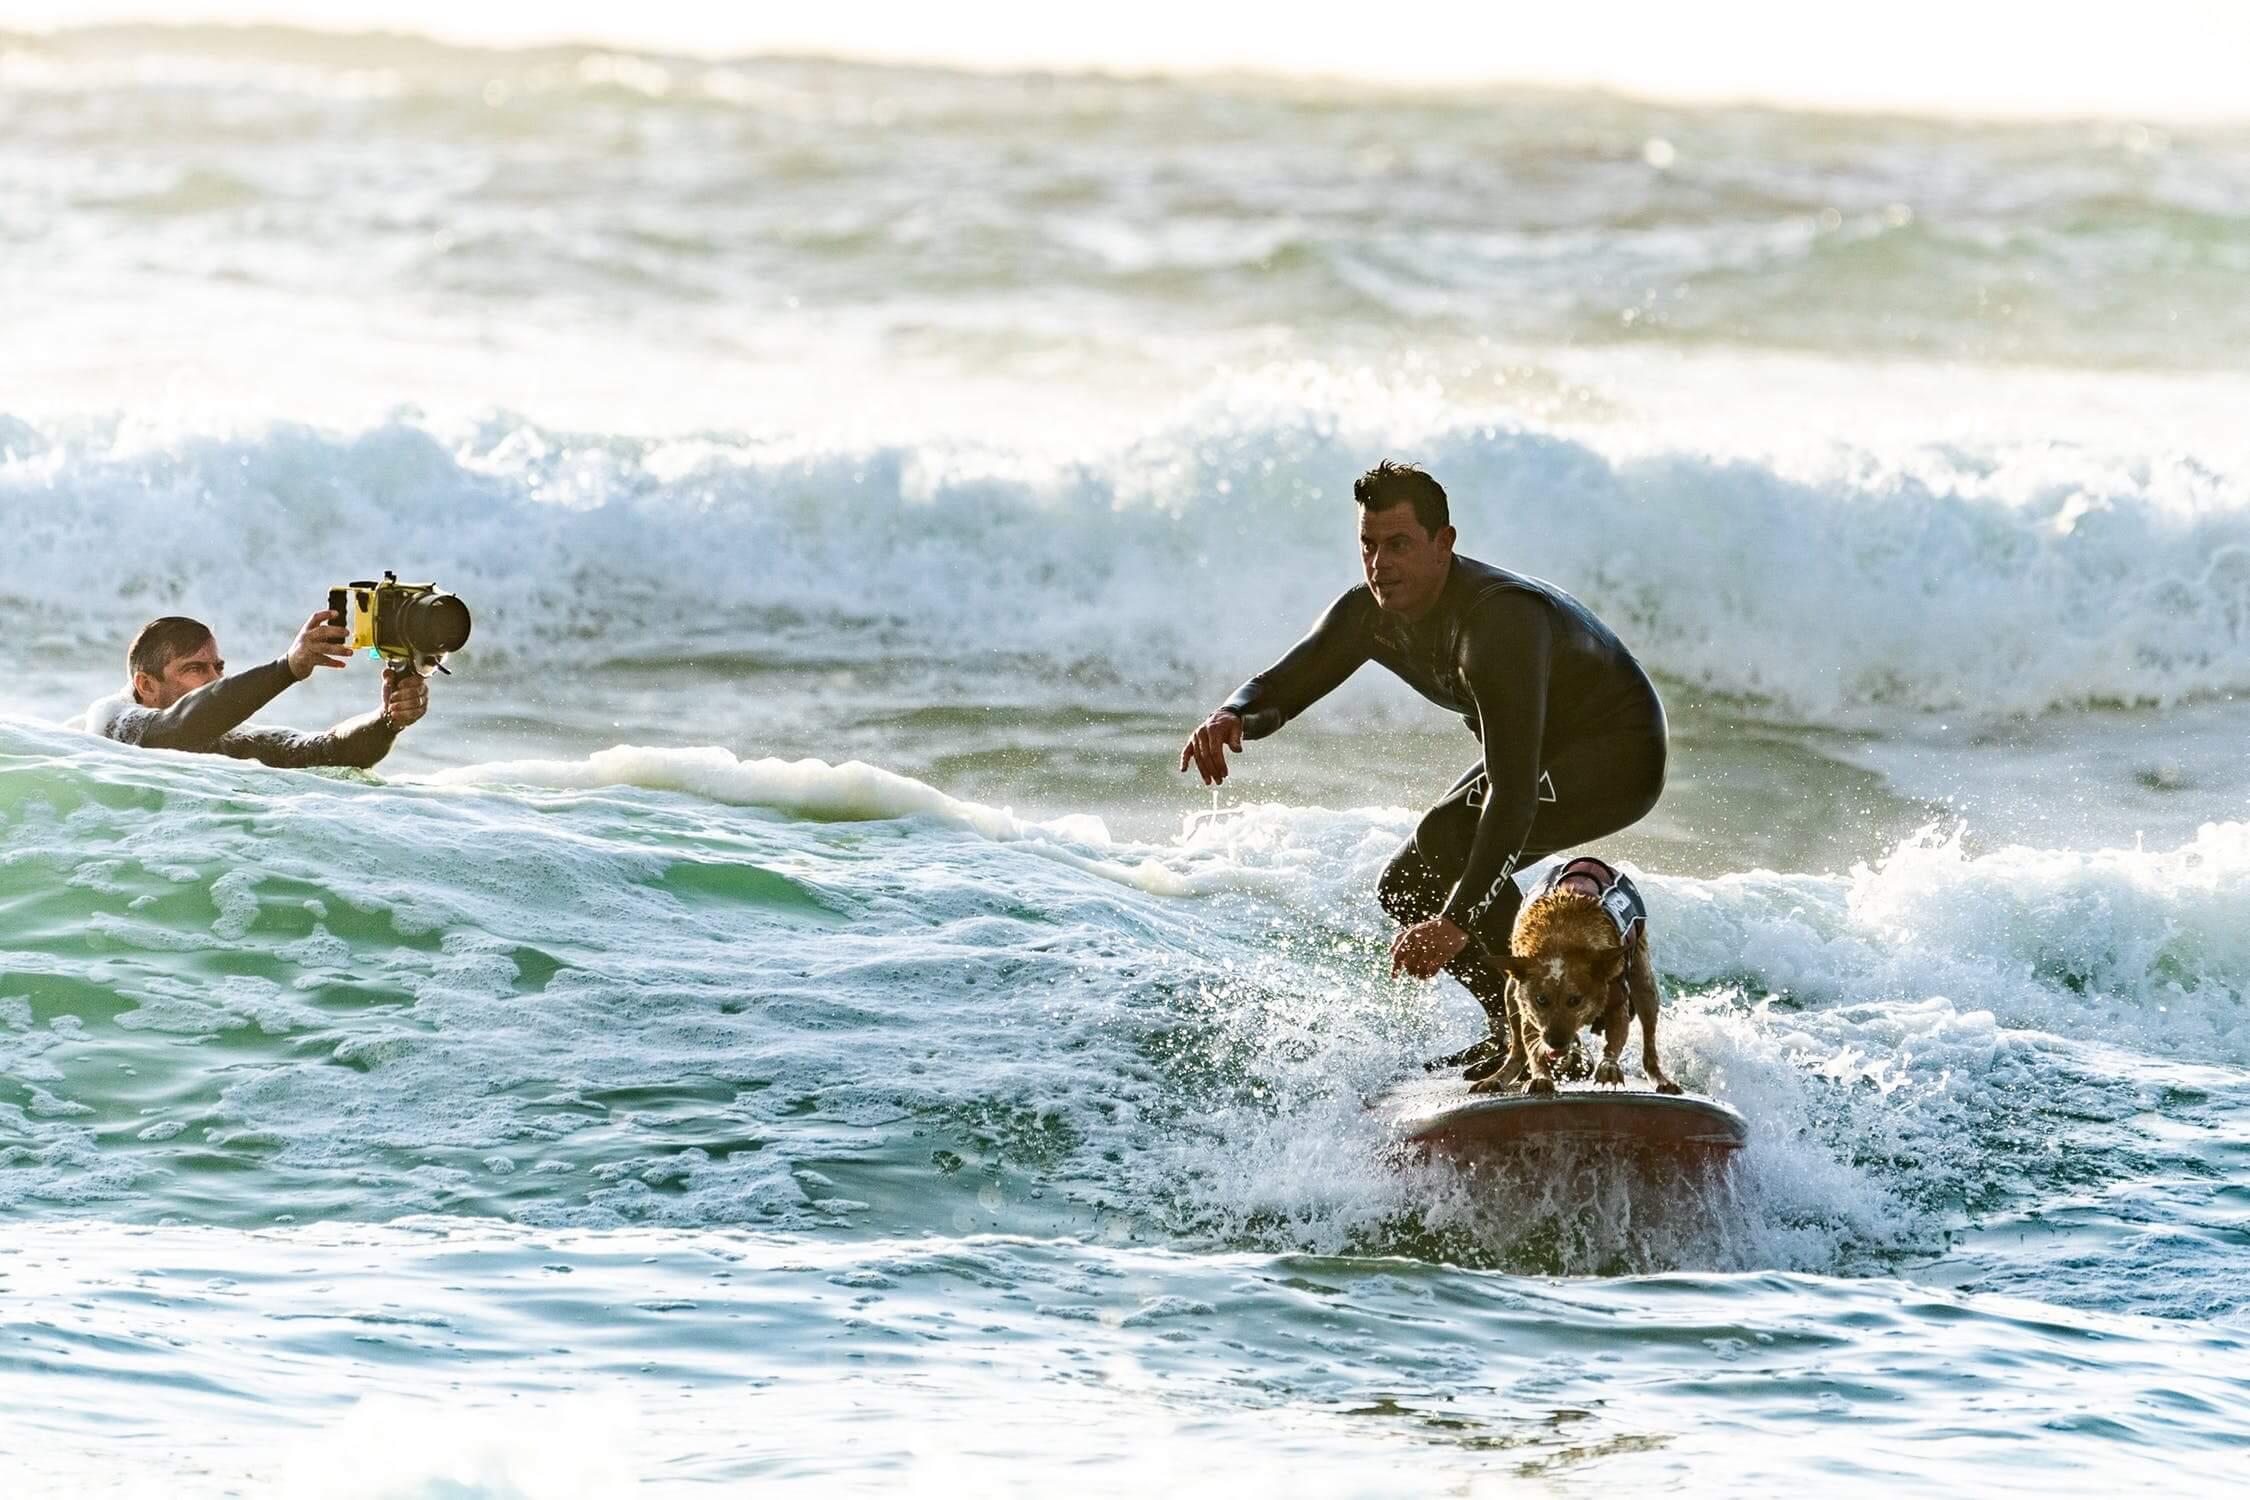 Une leçon de surf à deux est un bon moyen de surprendre votre amoureux !